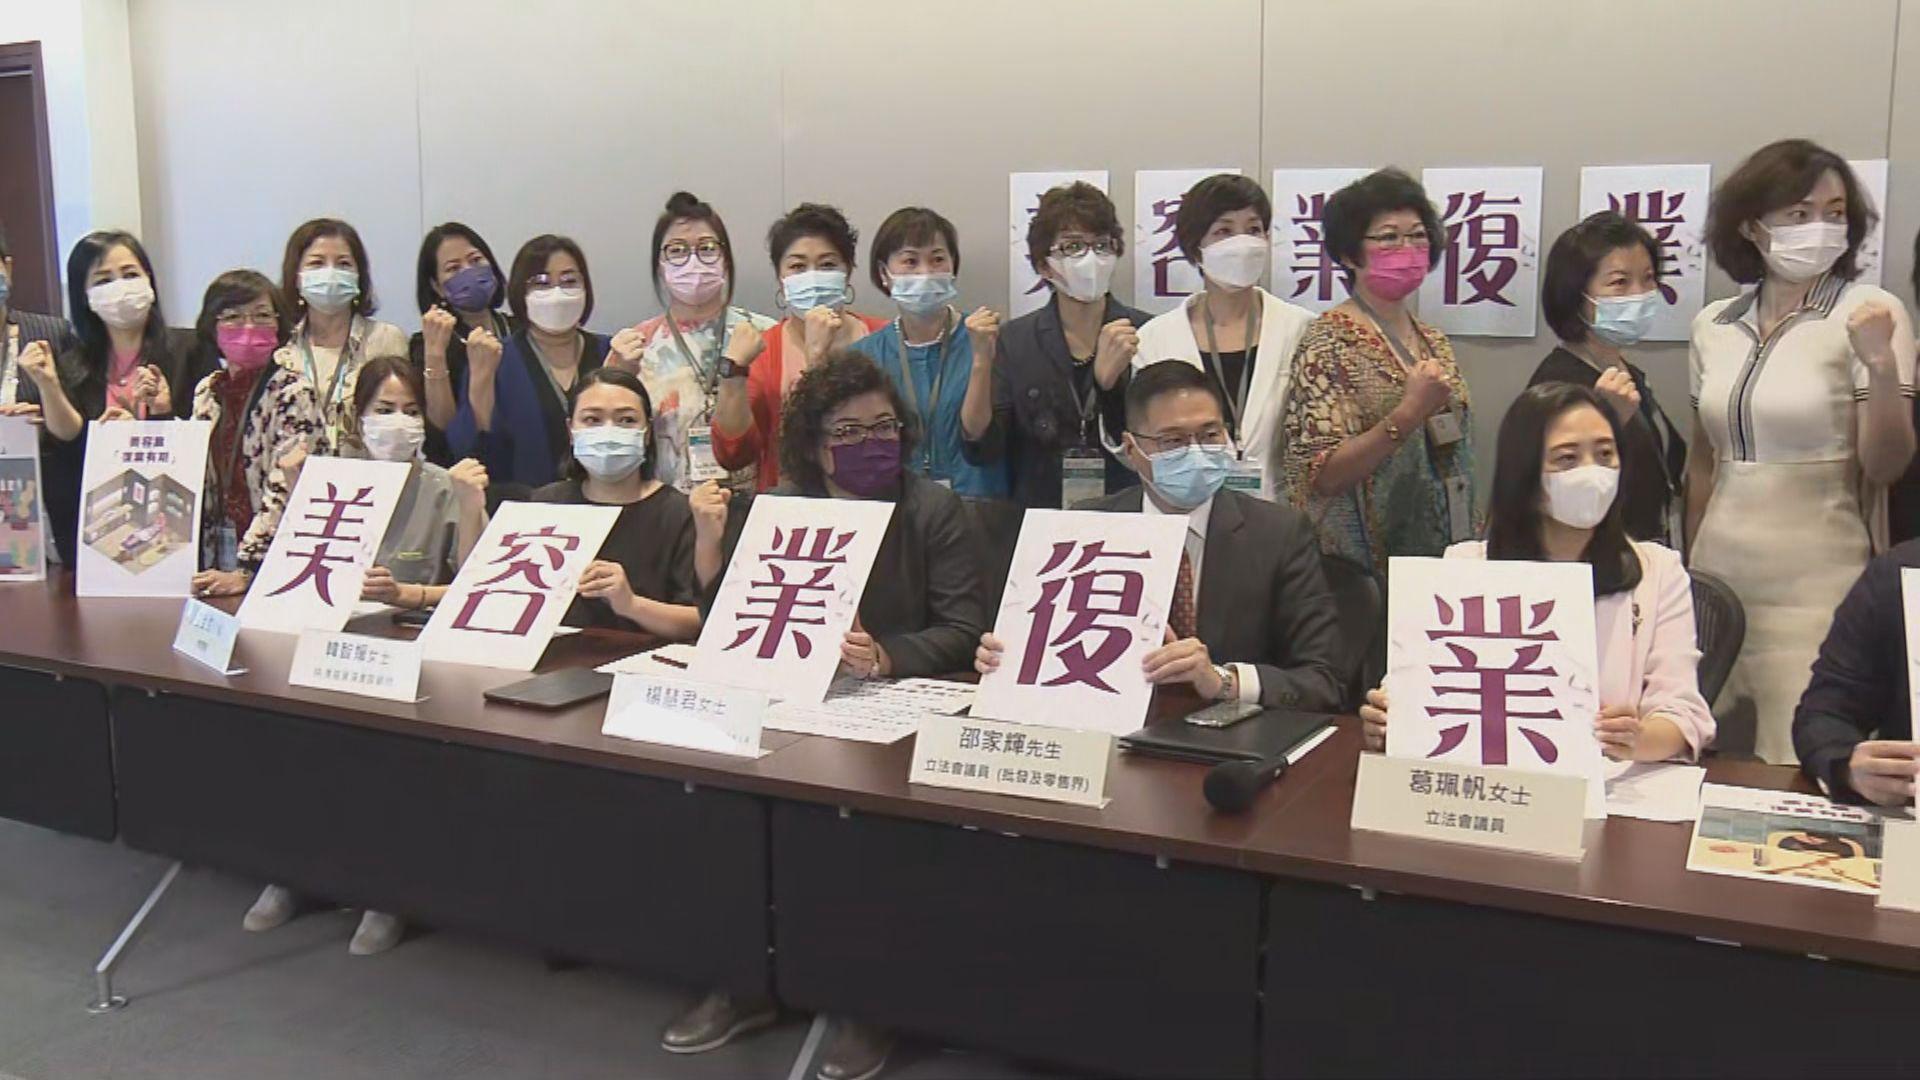 13個美容業協會代表要求政府允許復業